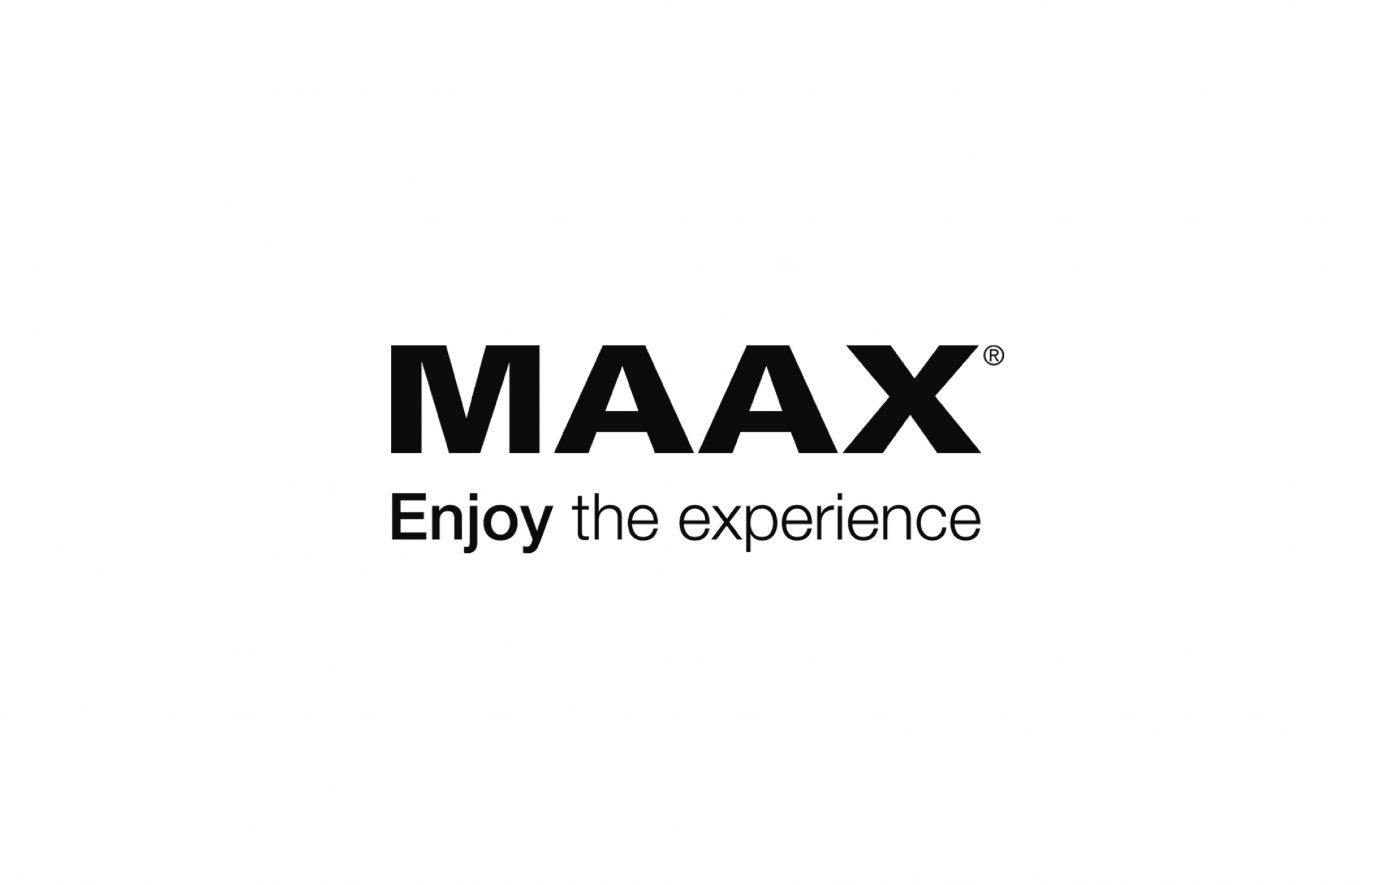 maax1